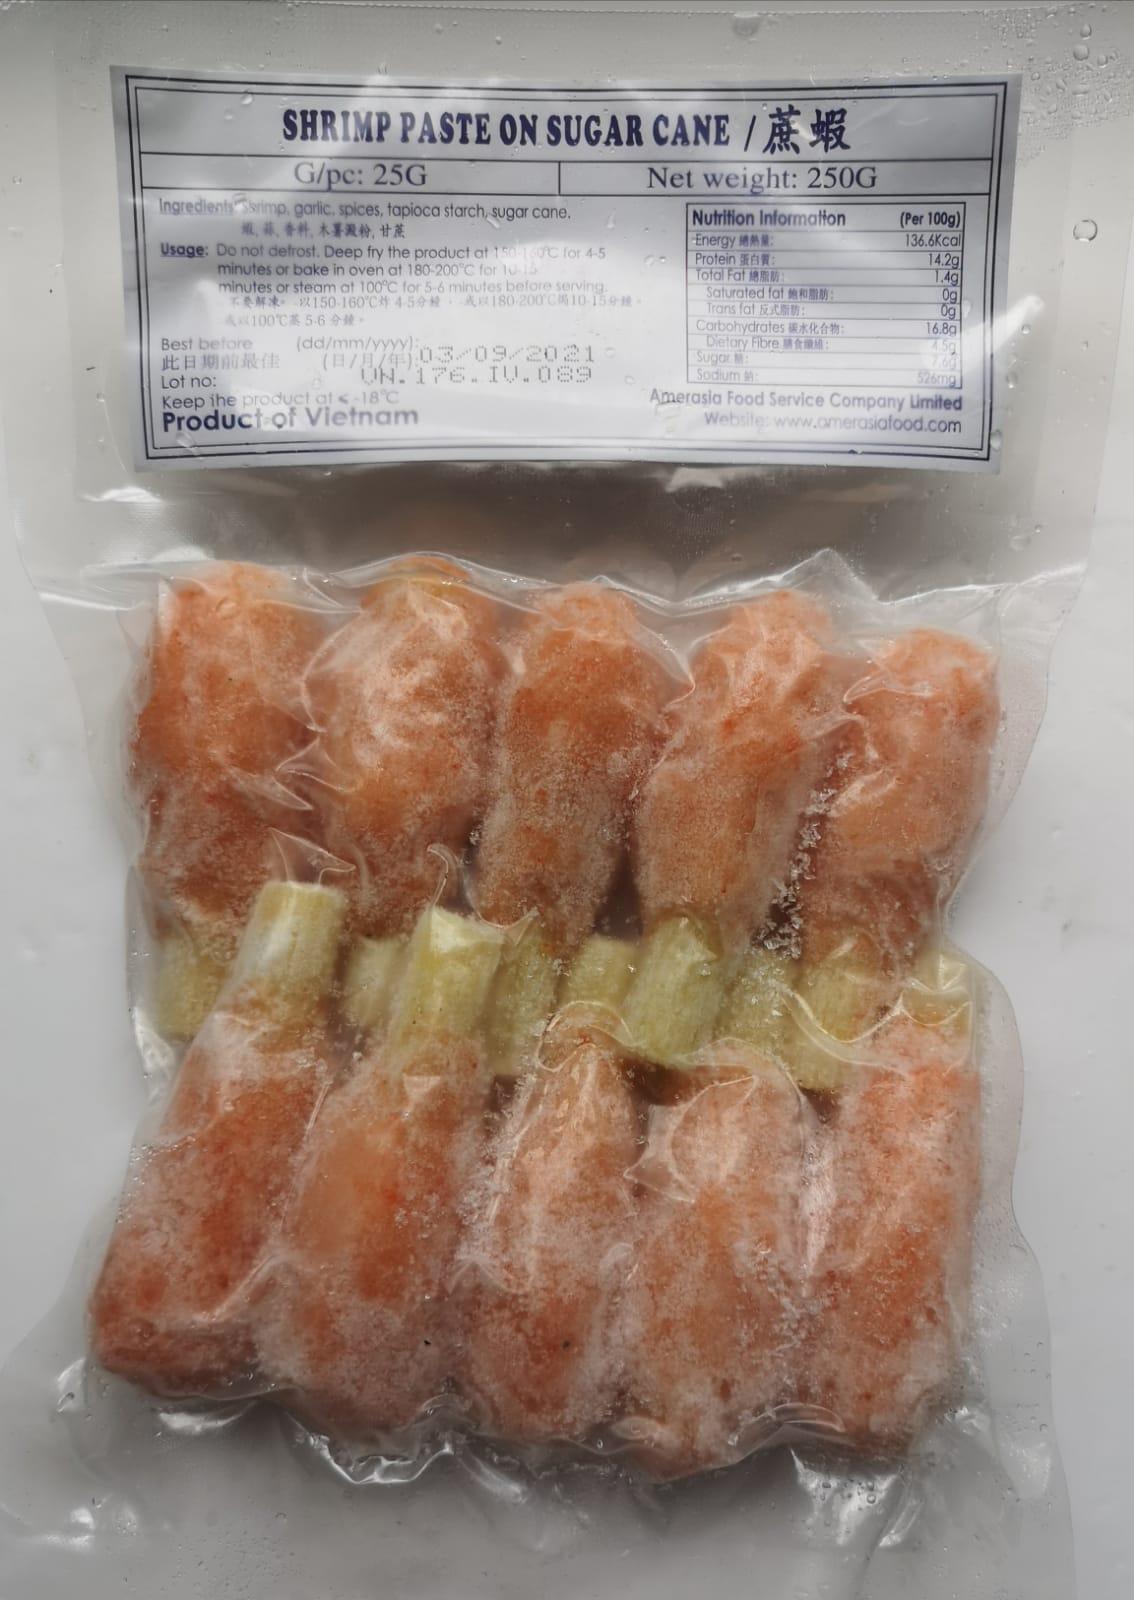 蔗蝦,250g(內10件裝)                適合煎,焗或氣炸爐等